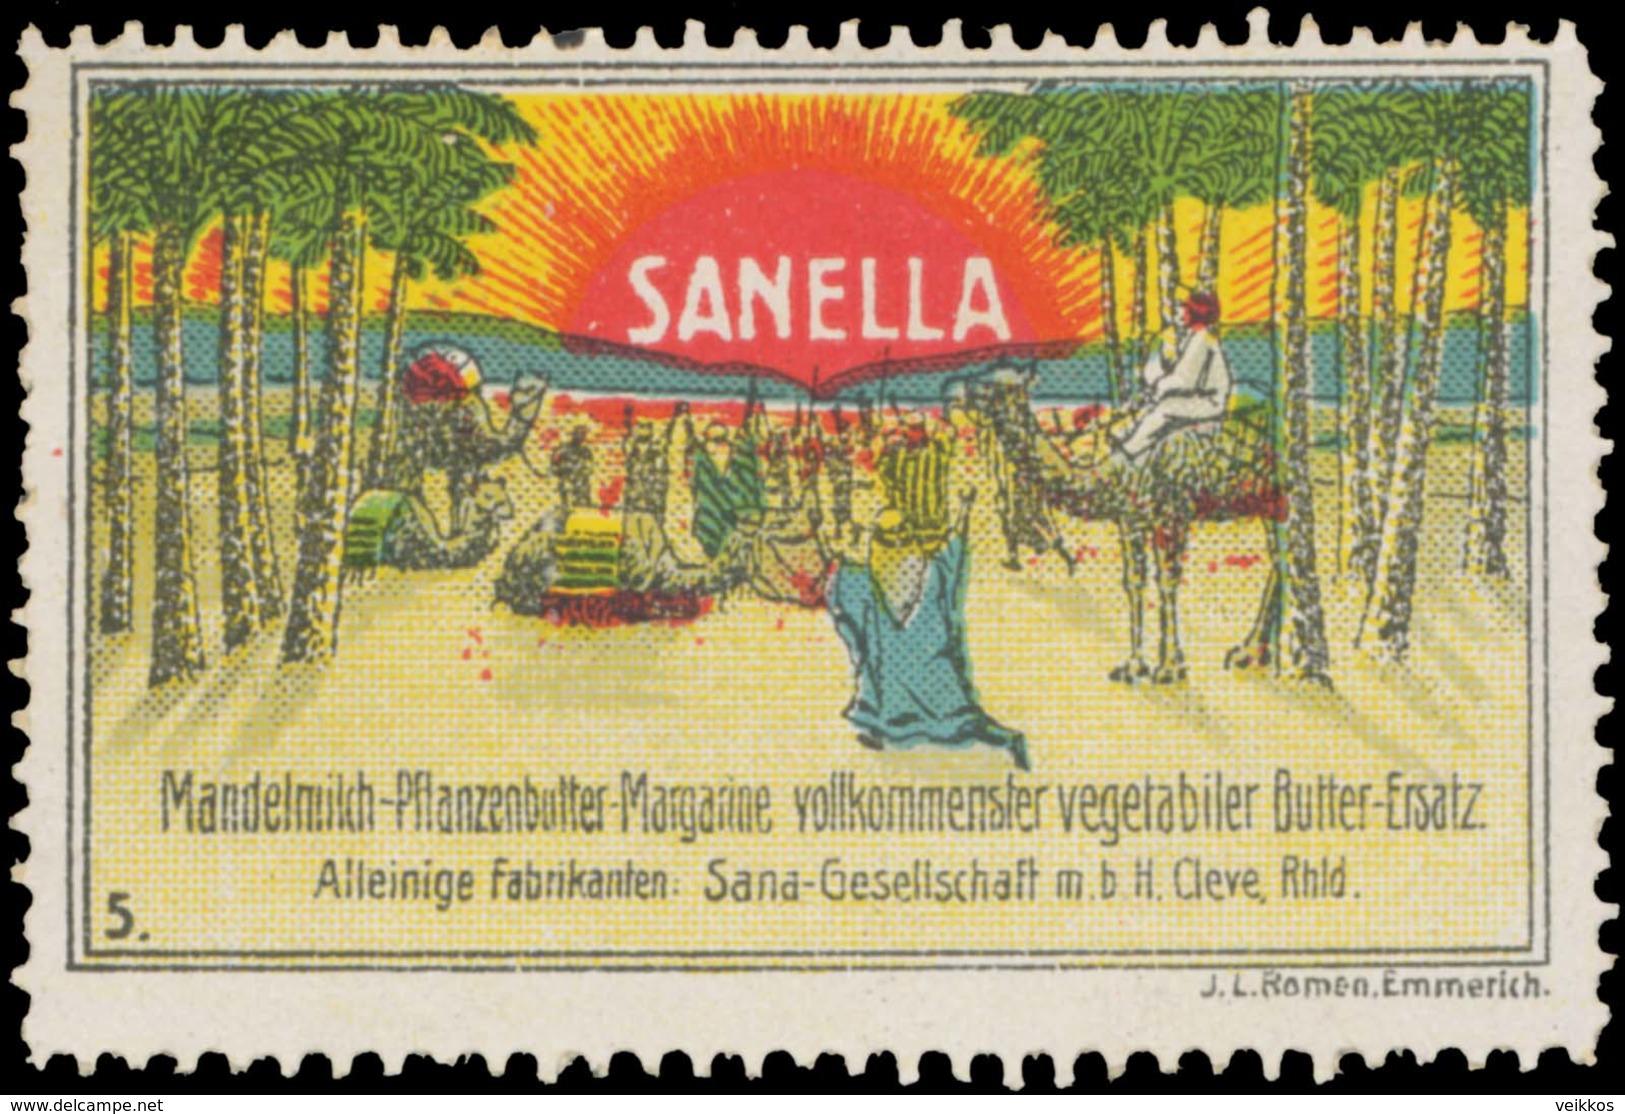 Kleve: Sanella Mandelmilch-Pflanzenbutter-Margarine Reklamemarke - Cinderellas